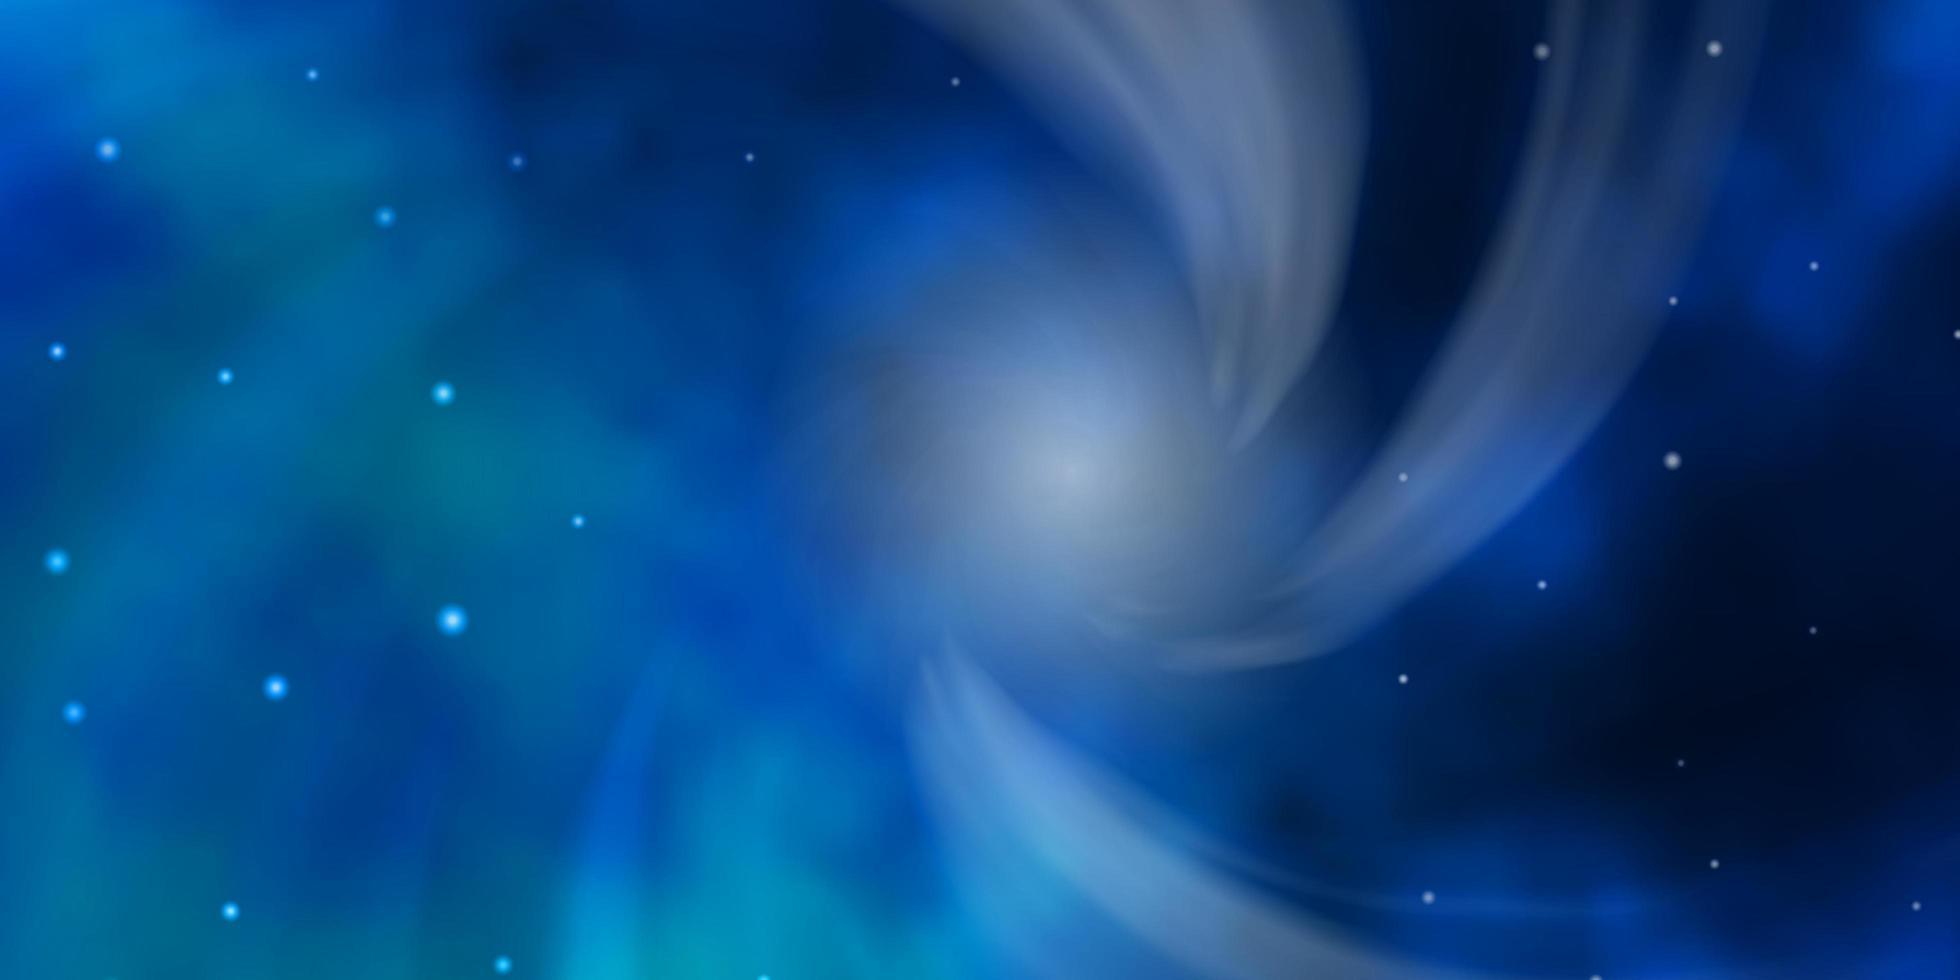 trama blu scuro con bellissime stelle. vettore